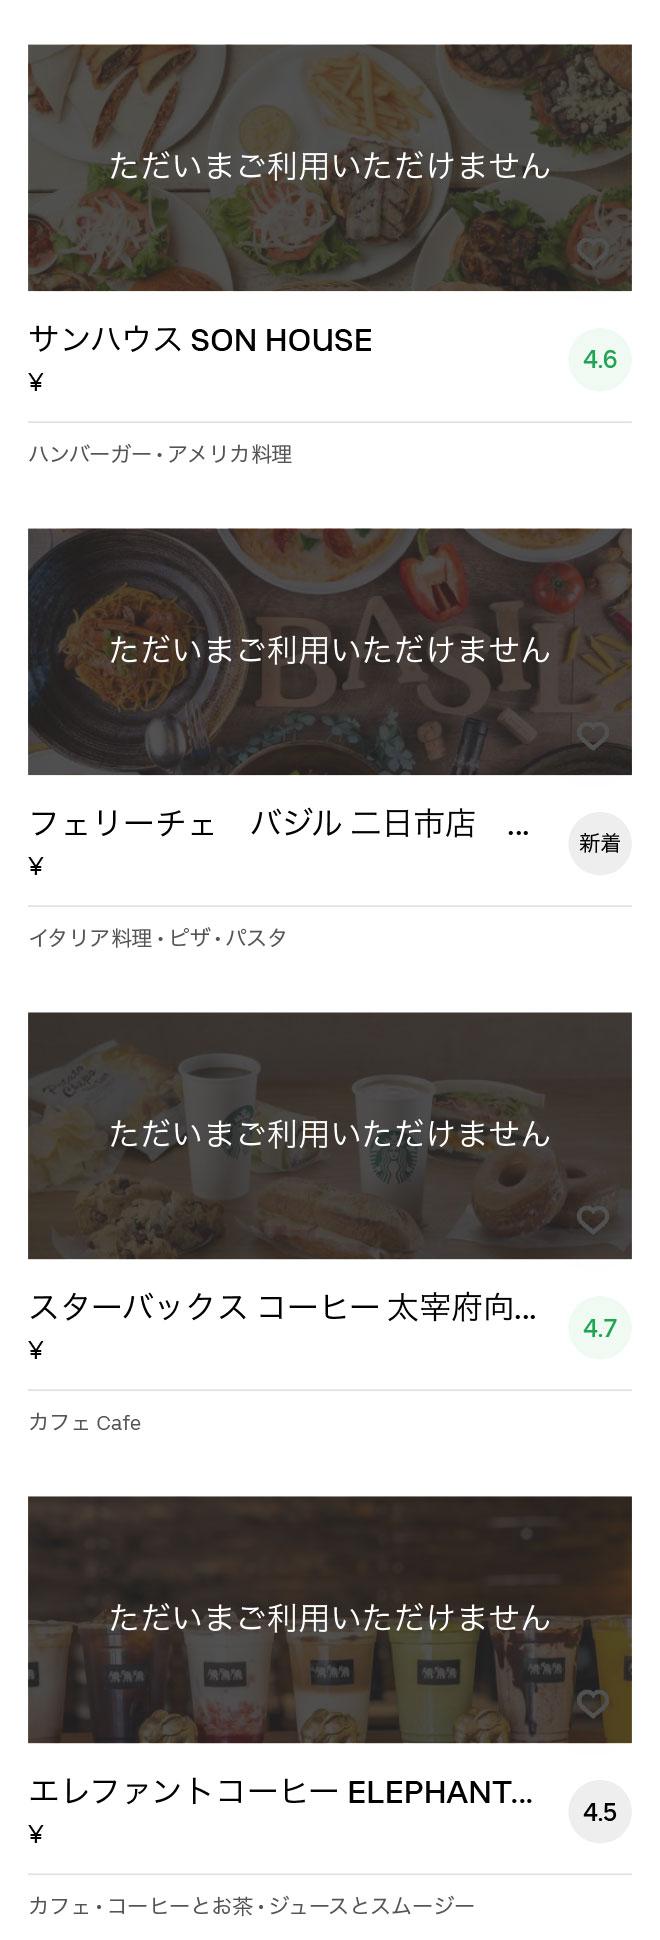 Chikushino futsukaichi menu 2004 06